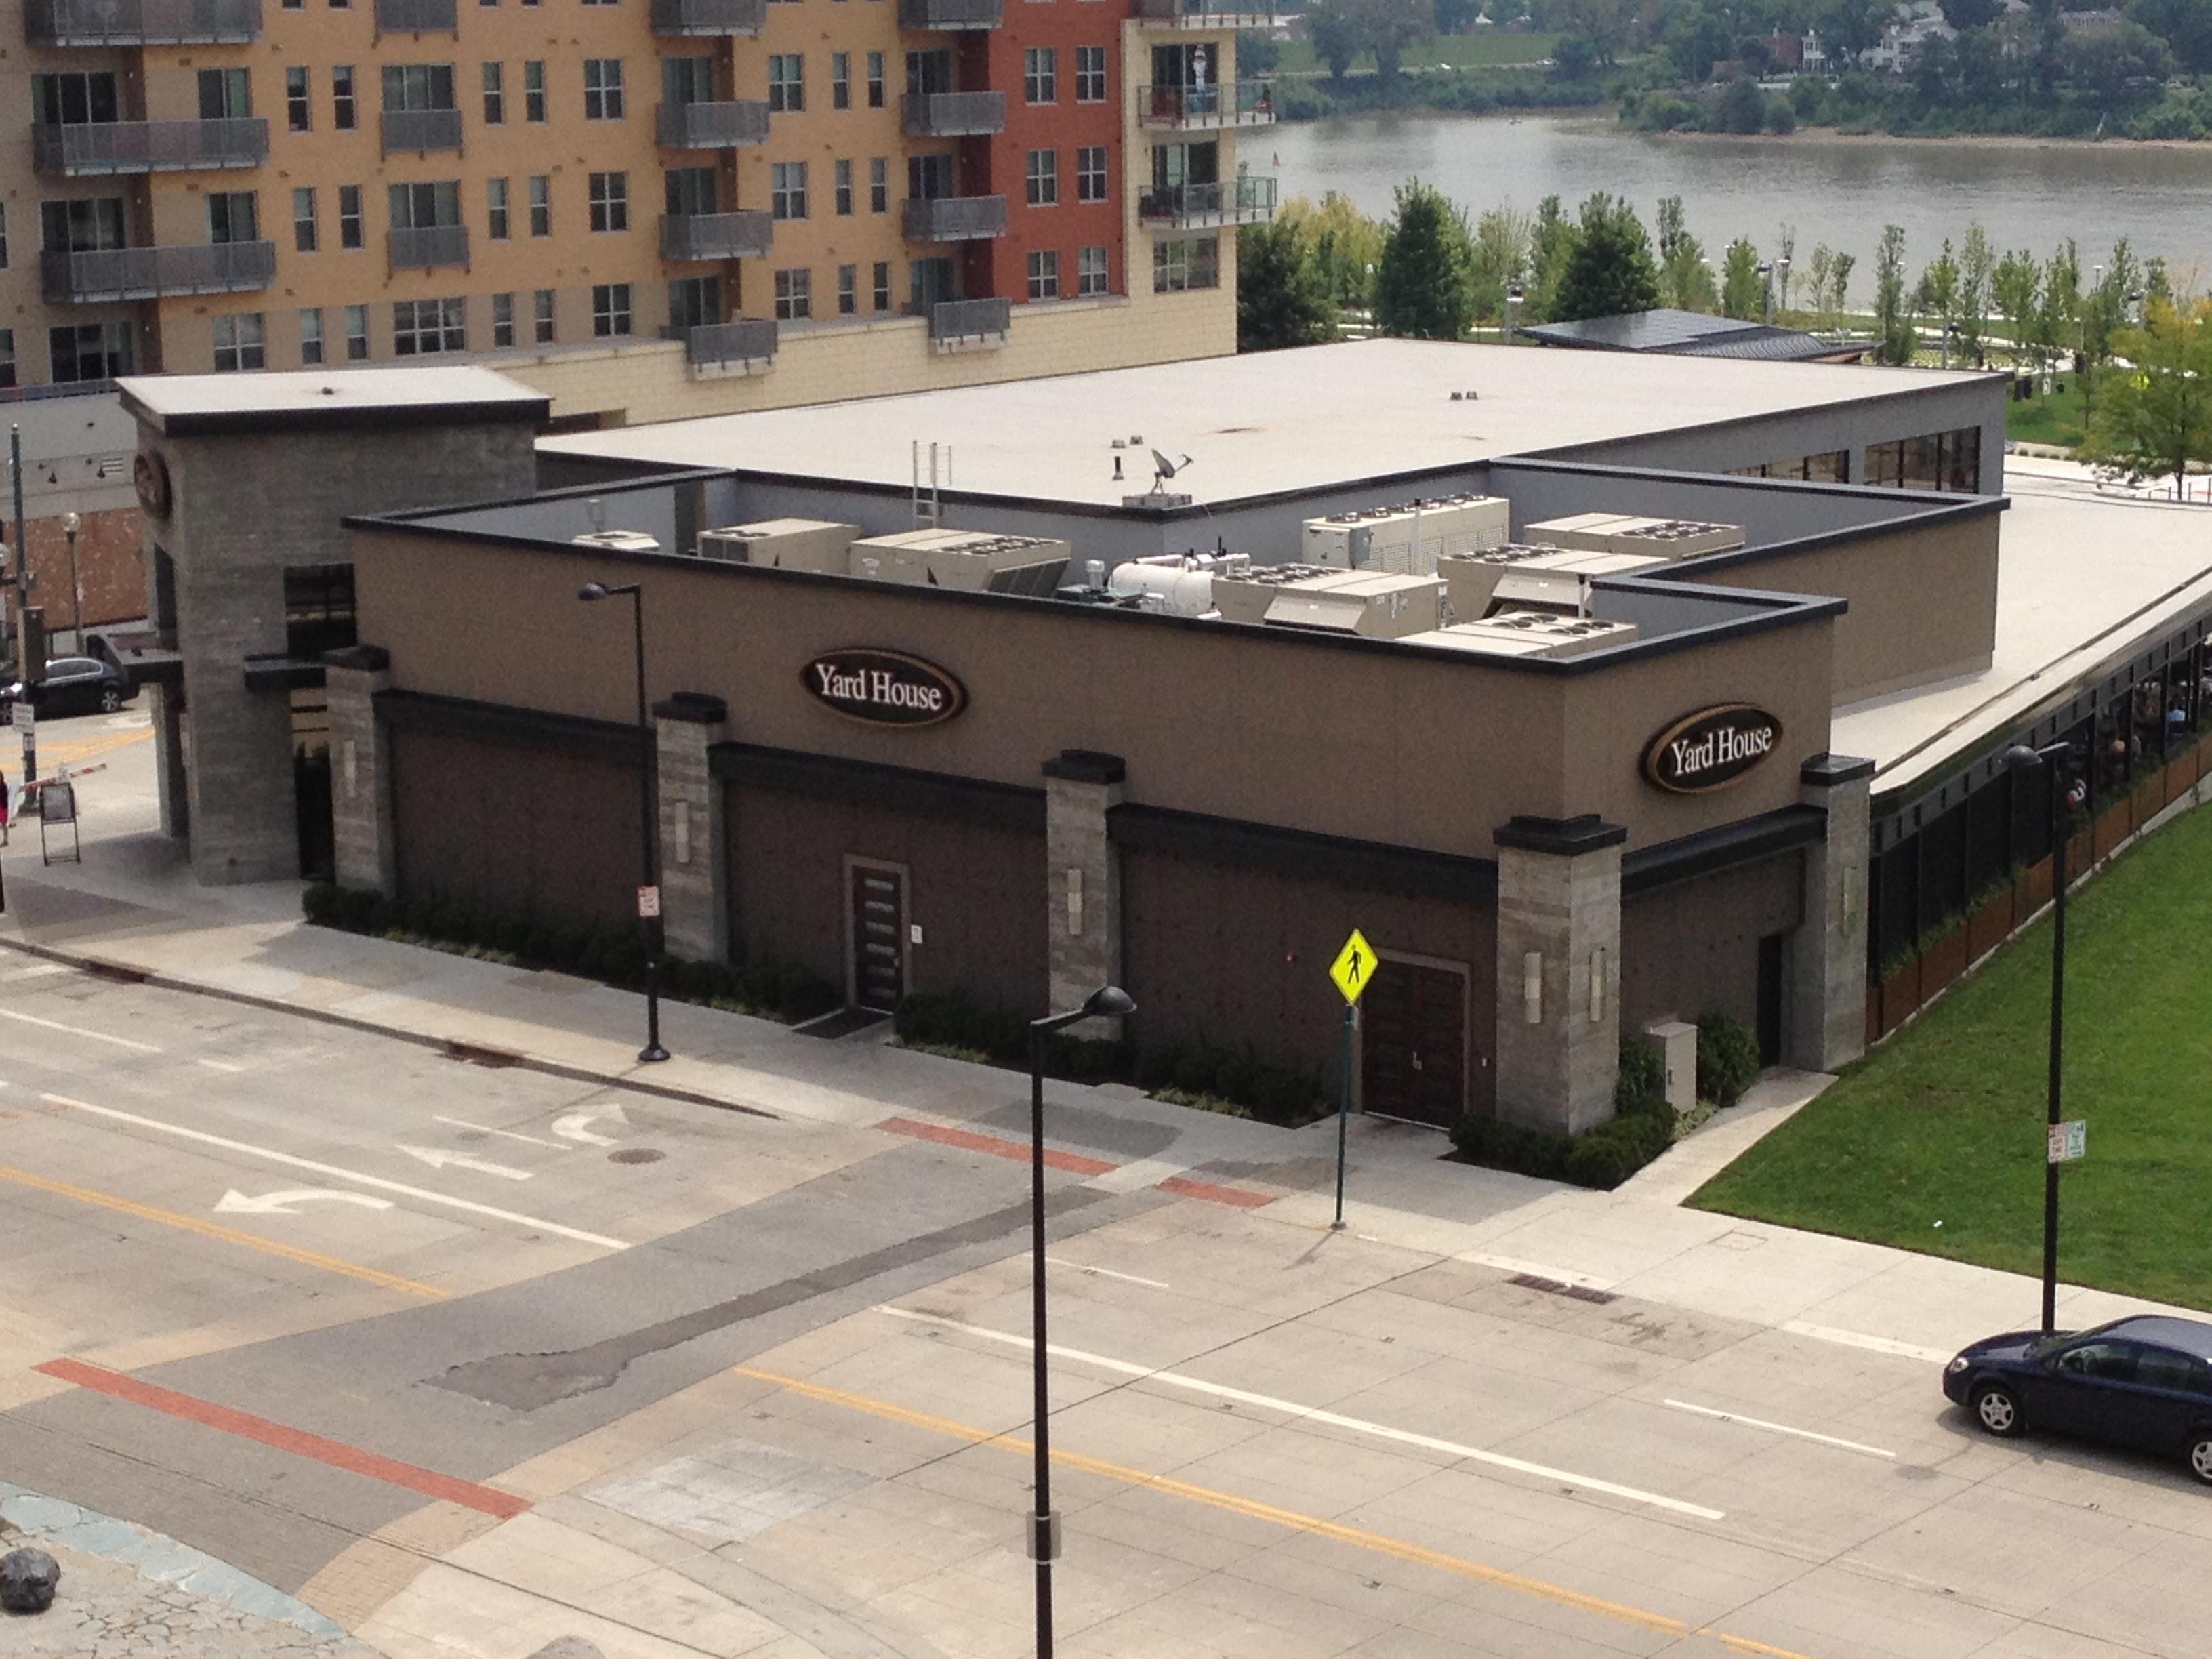 Yard House Cincinnati